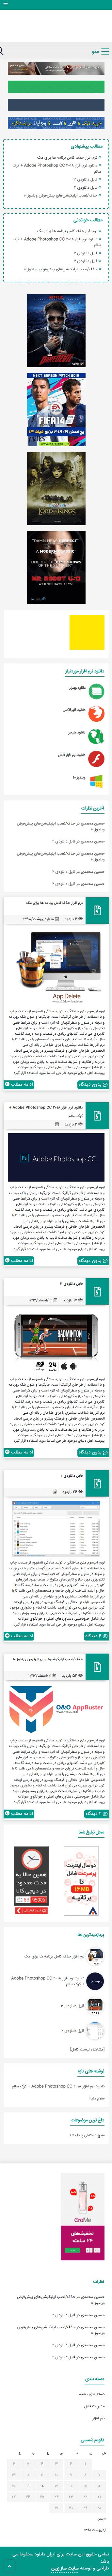 تصویر سایت ایران دانلود در حالت موبایل